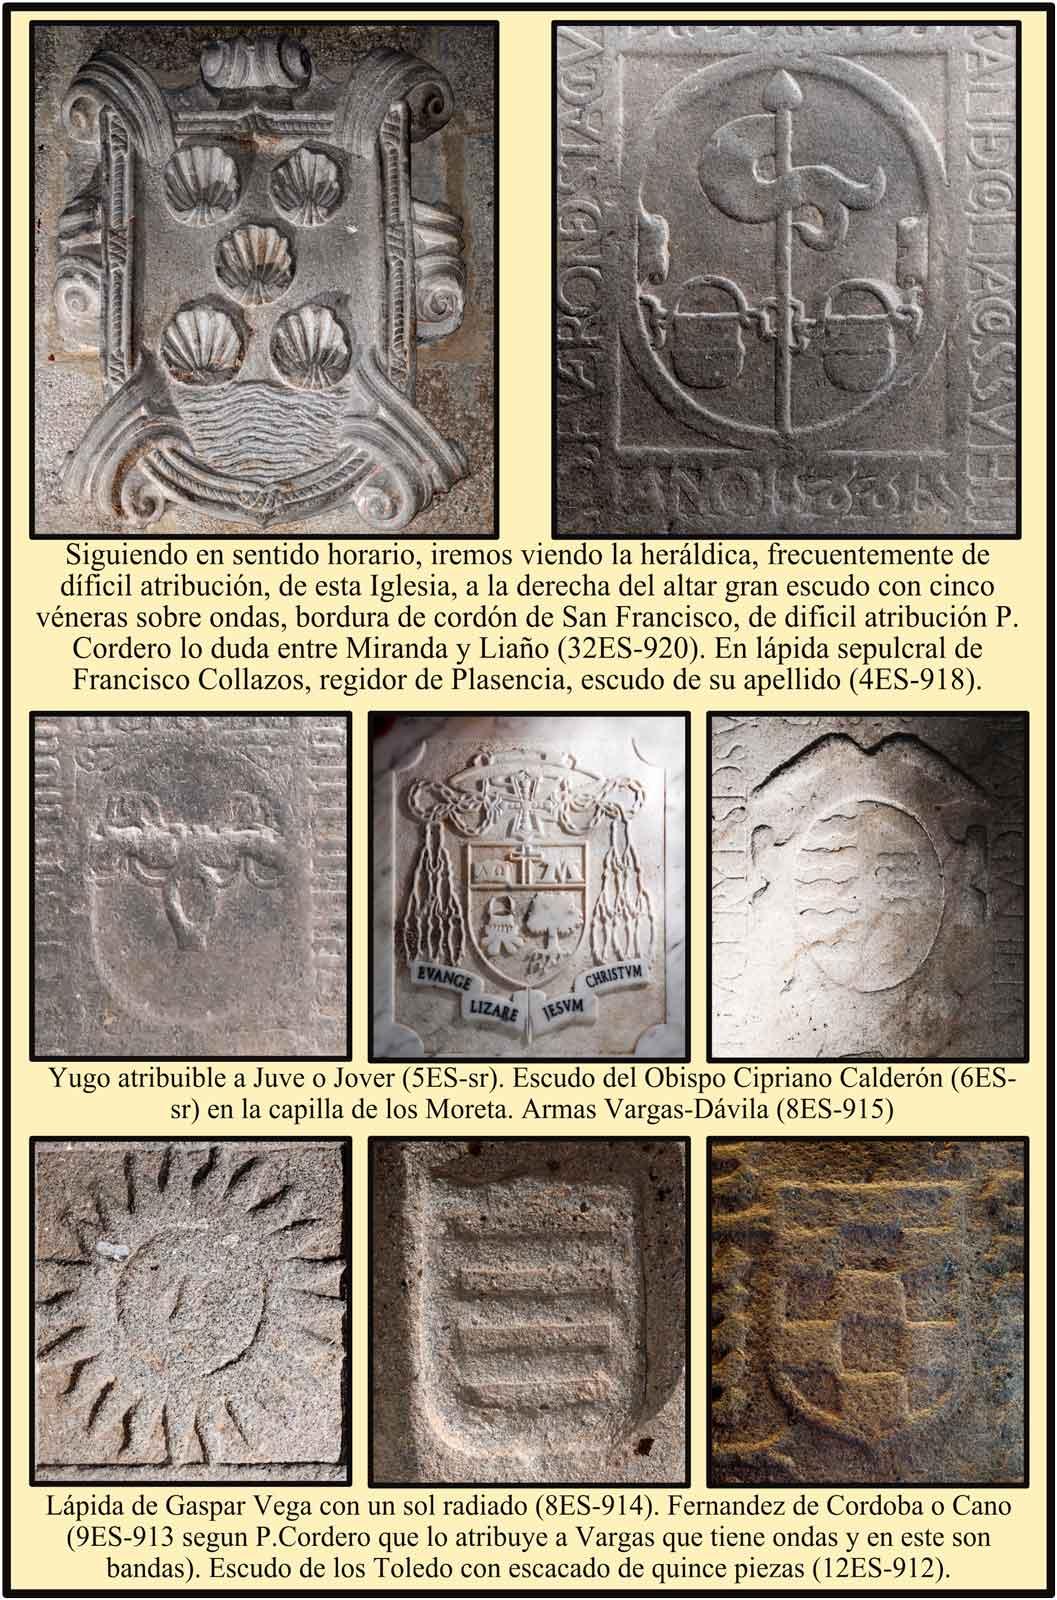 Lápidas con escudos de Quirós de Miranda Fernandez de Cordoba Toledo